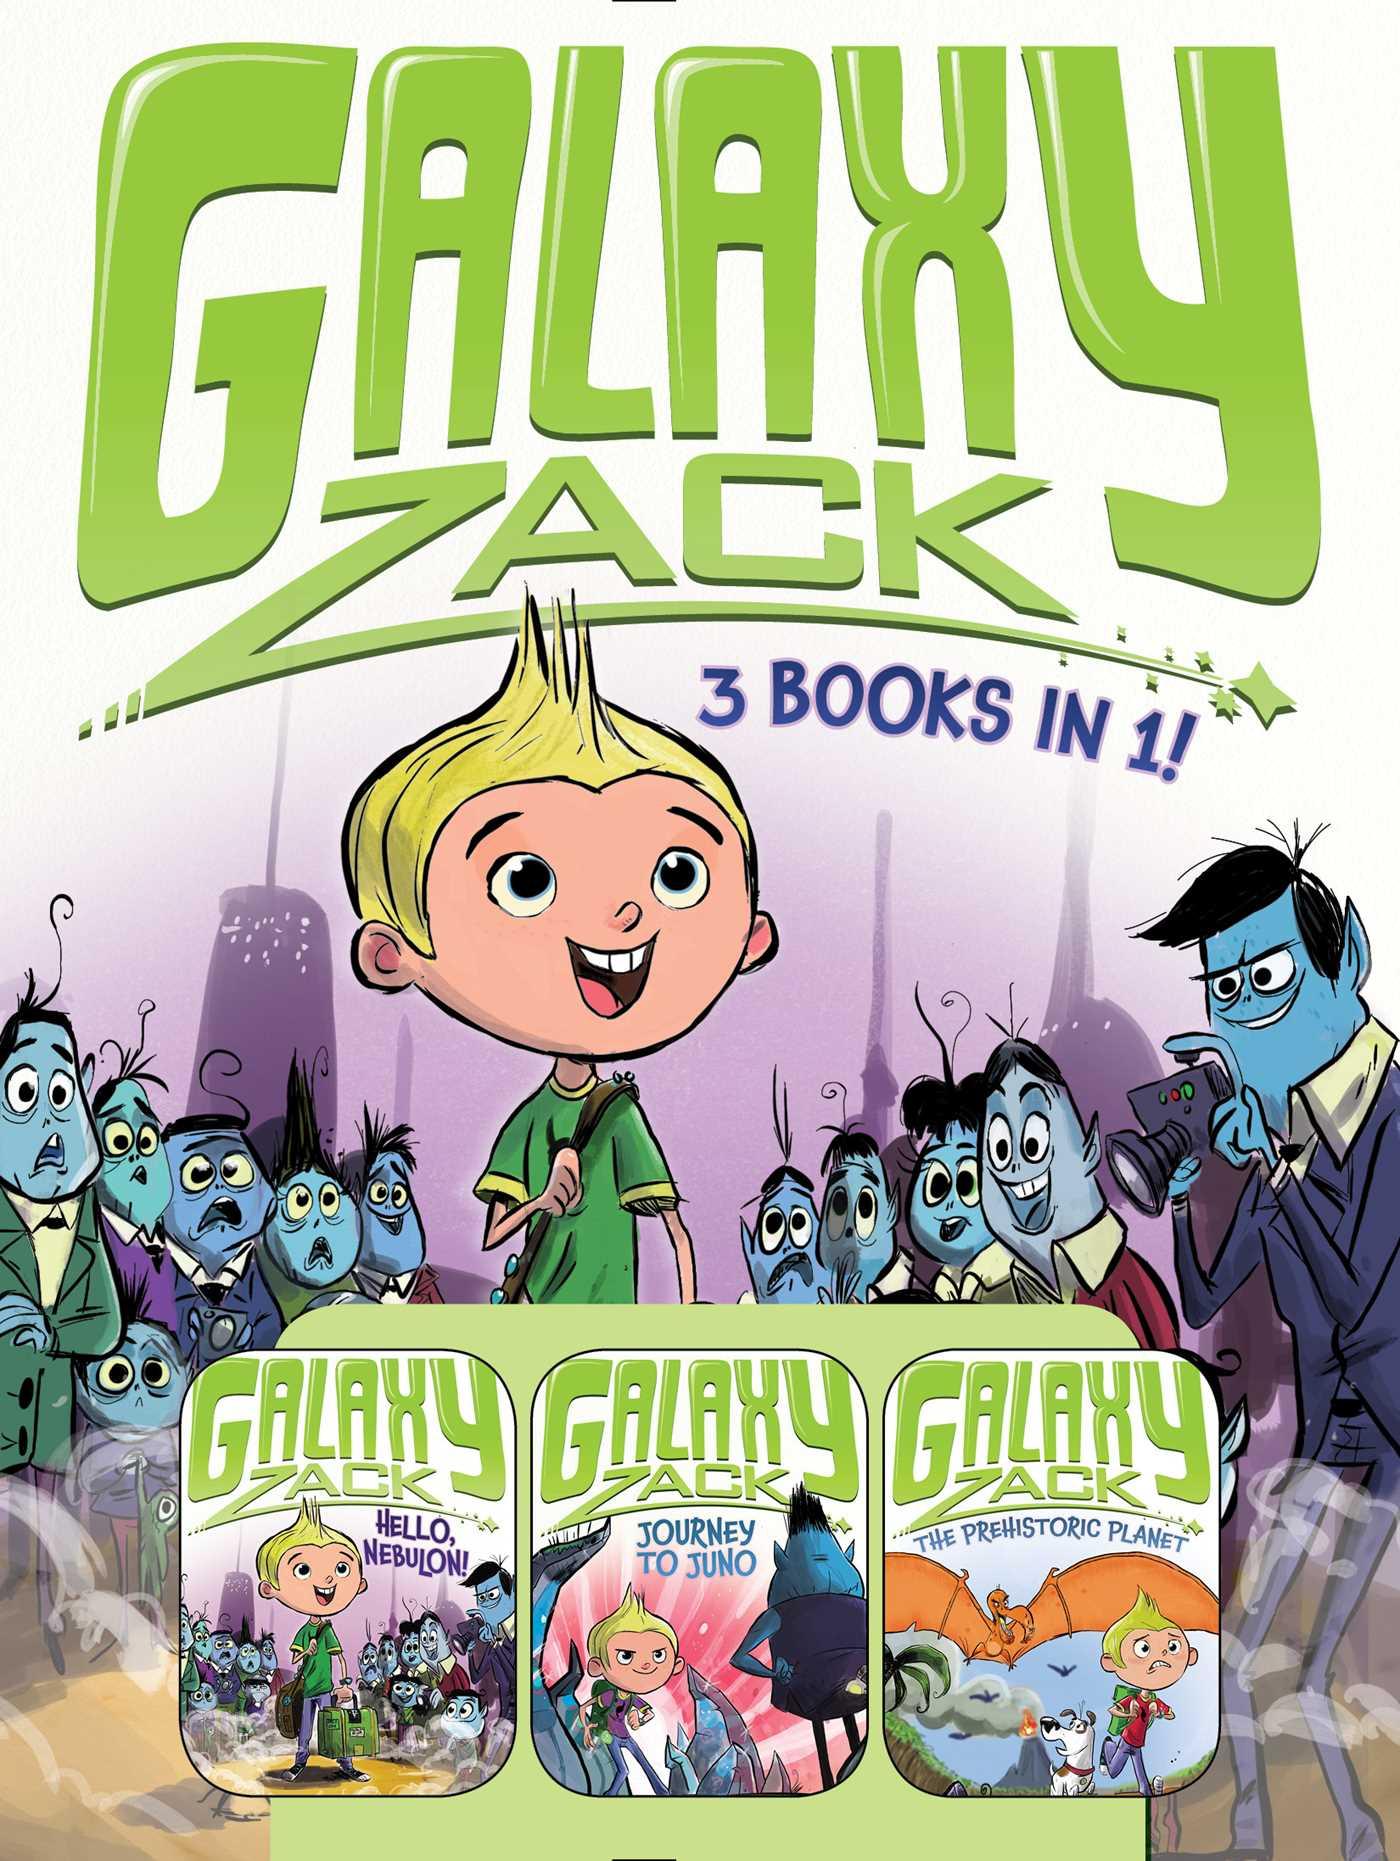 Galaxy zack 3 books in 1 9781481456418 hr